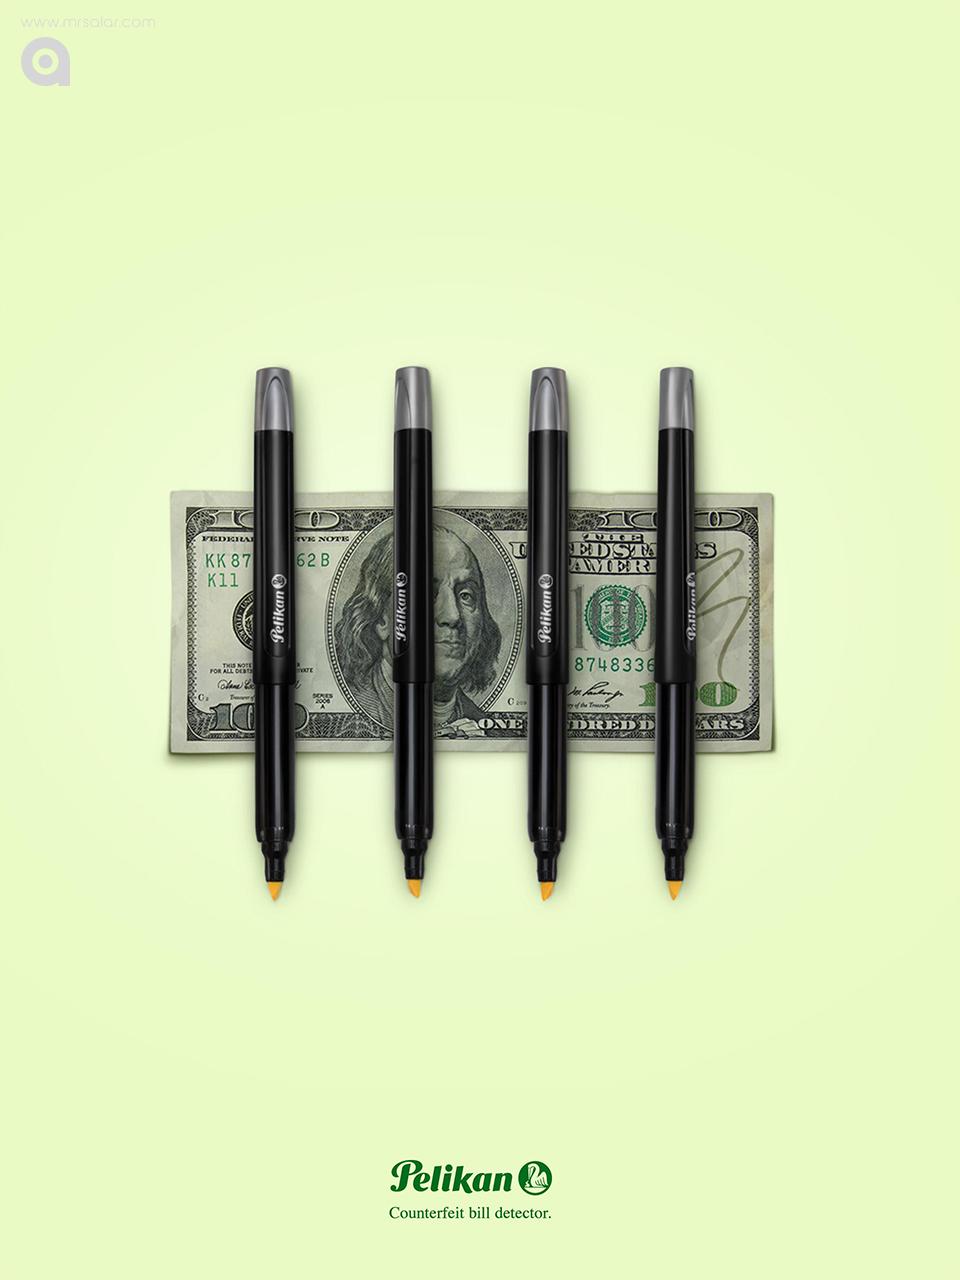 تصویر تبلیغاتی پلیکان: دلار